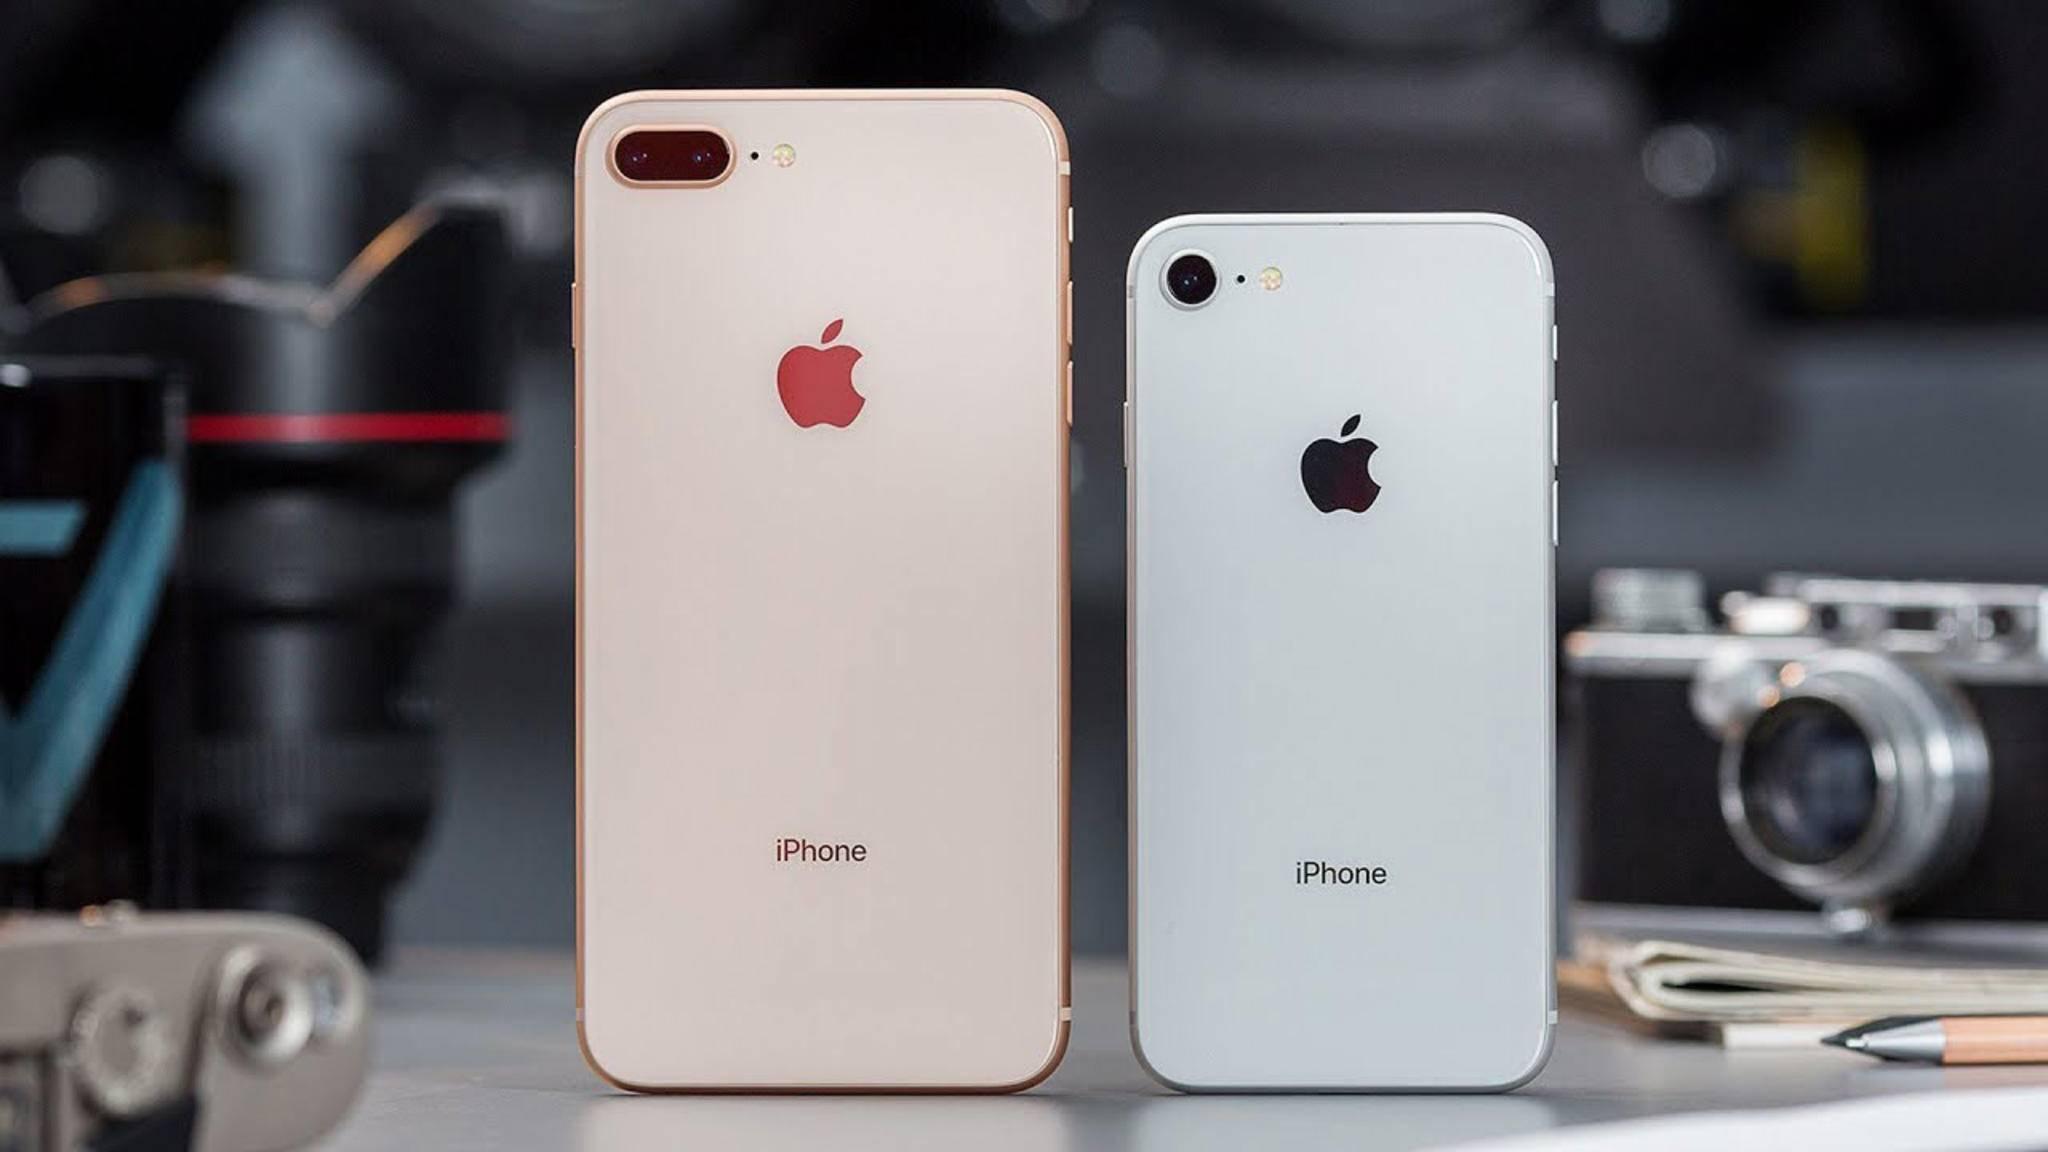 Das iPhone 8 Plus (links) mit Dual-Kamera, das iPhone 8 ohne Dual-Cam.